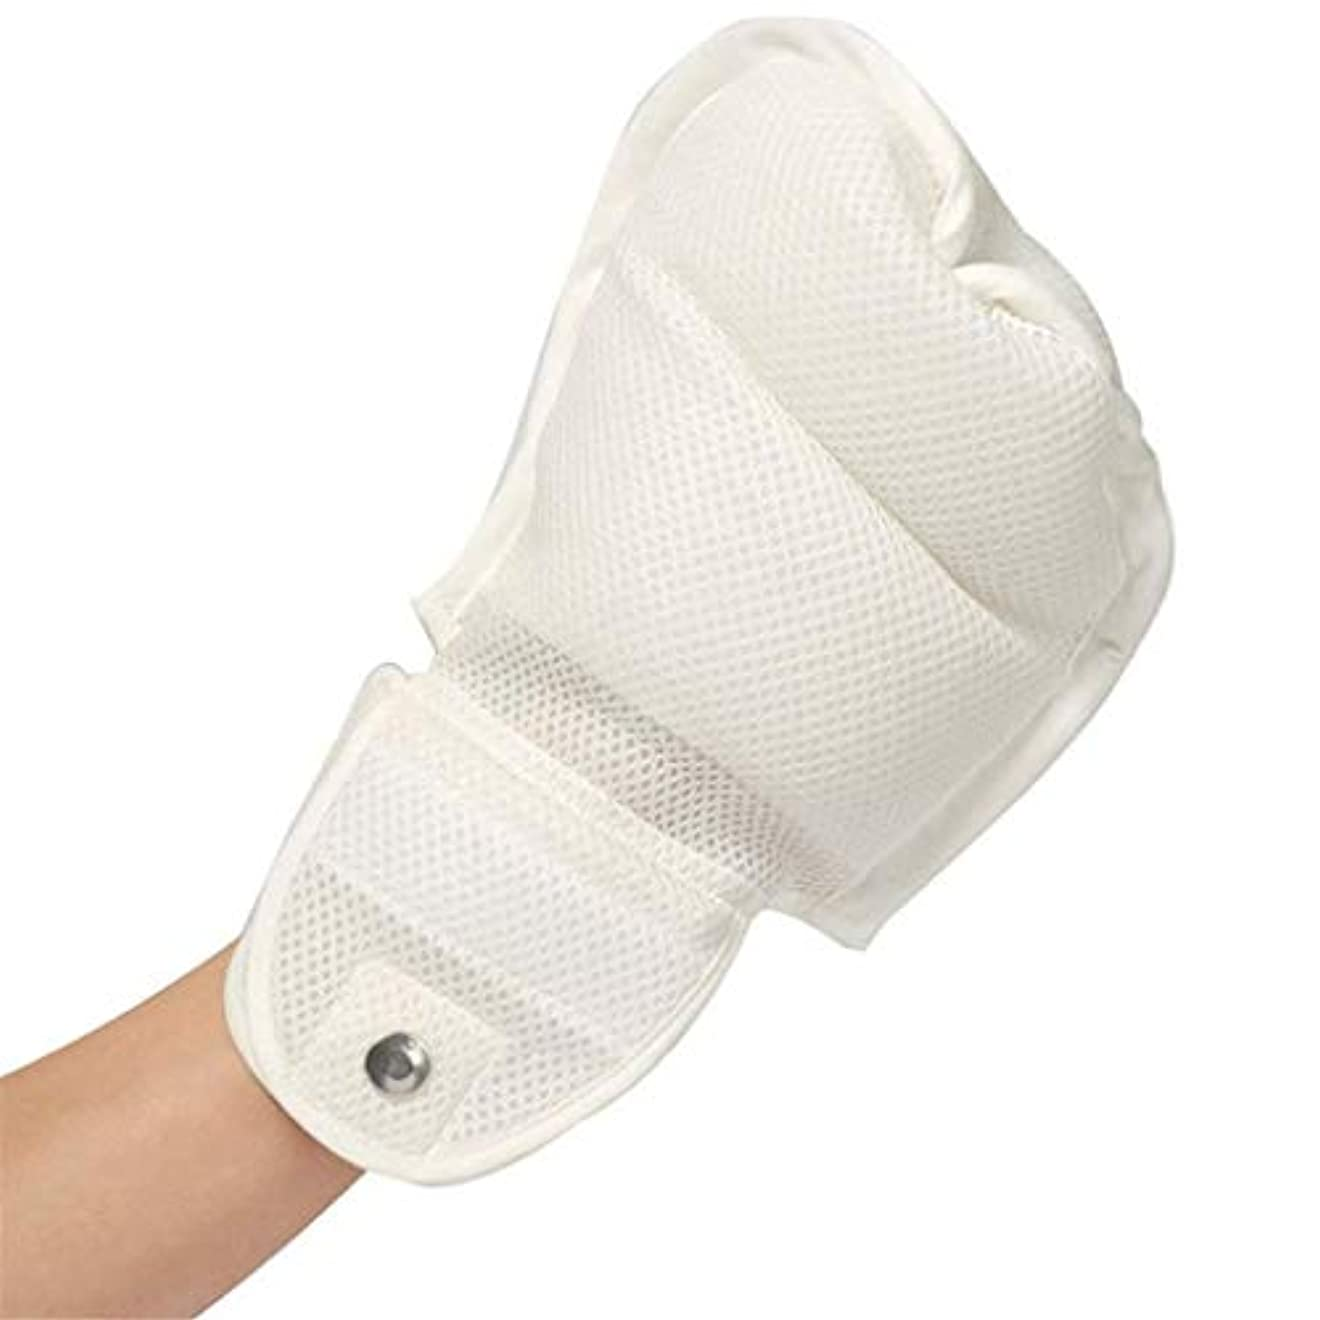 電球地域のコンテストフィンガーコントロールミット、認知症手袋安全手袋 - 患者用手感染プロテクター自己害を防ぐためのパッド入りミット